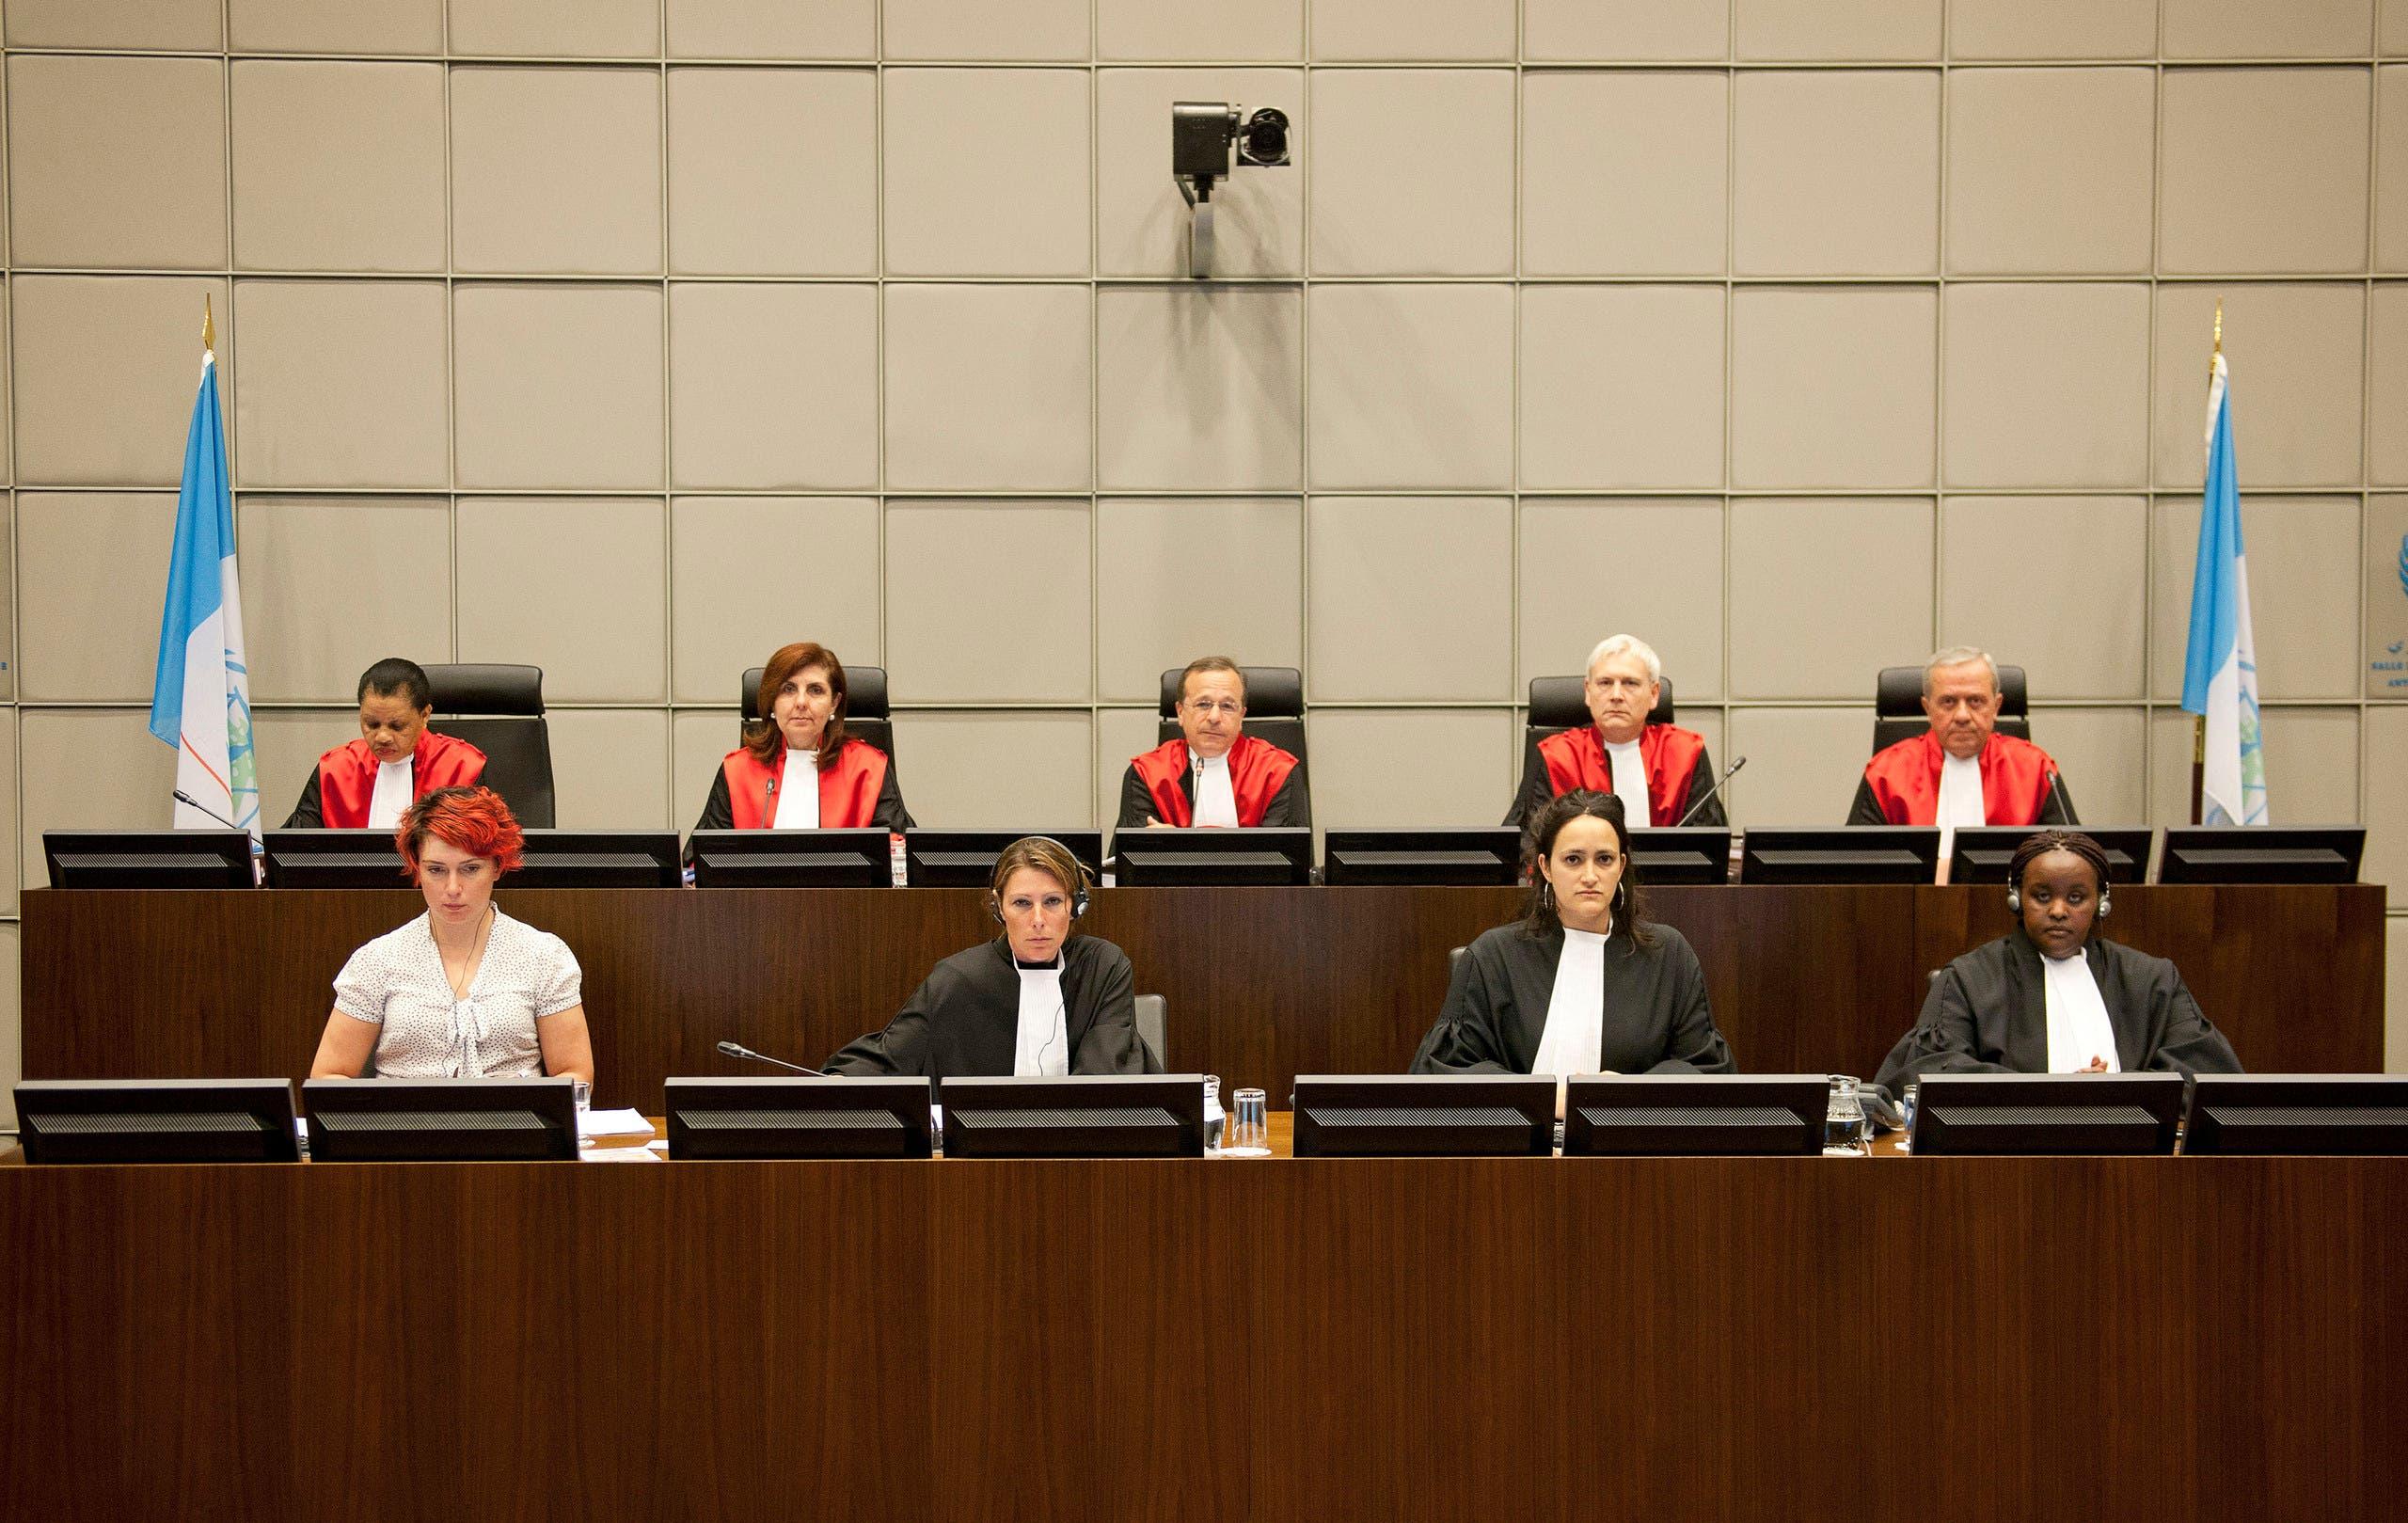 قضاة المحكمة الدولية الخاصة بلبنان